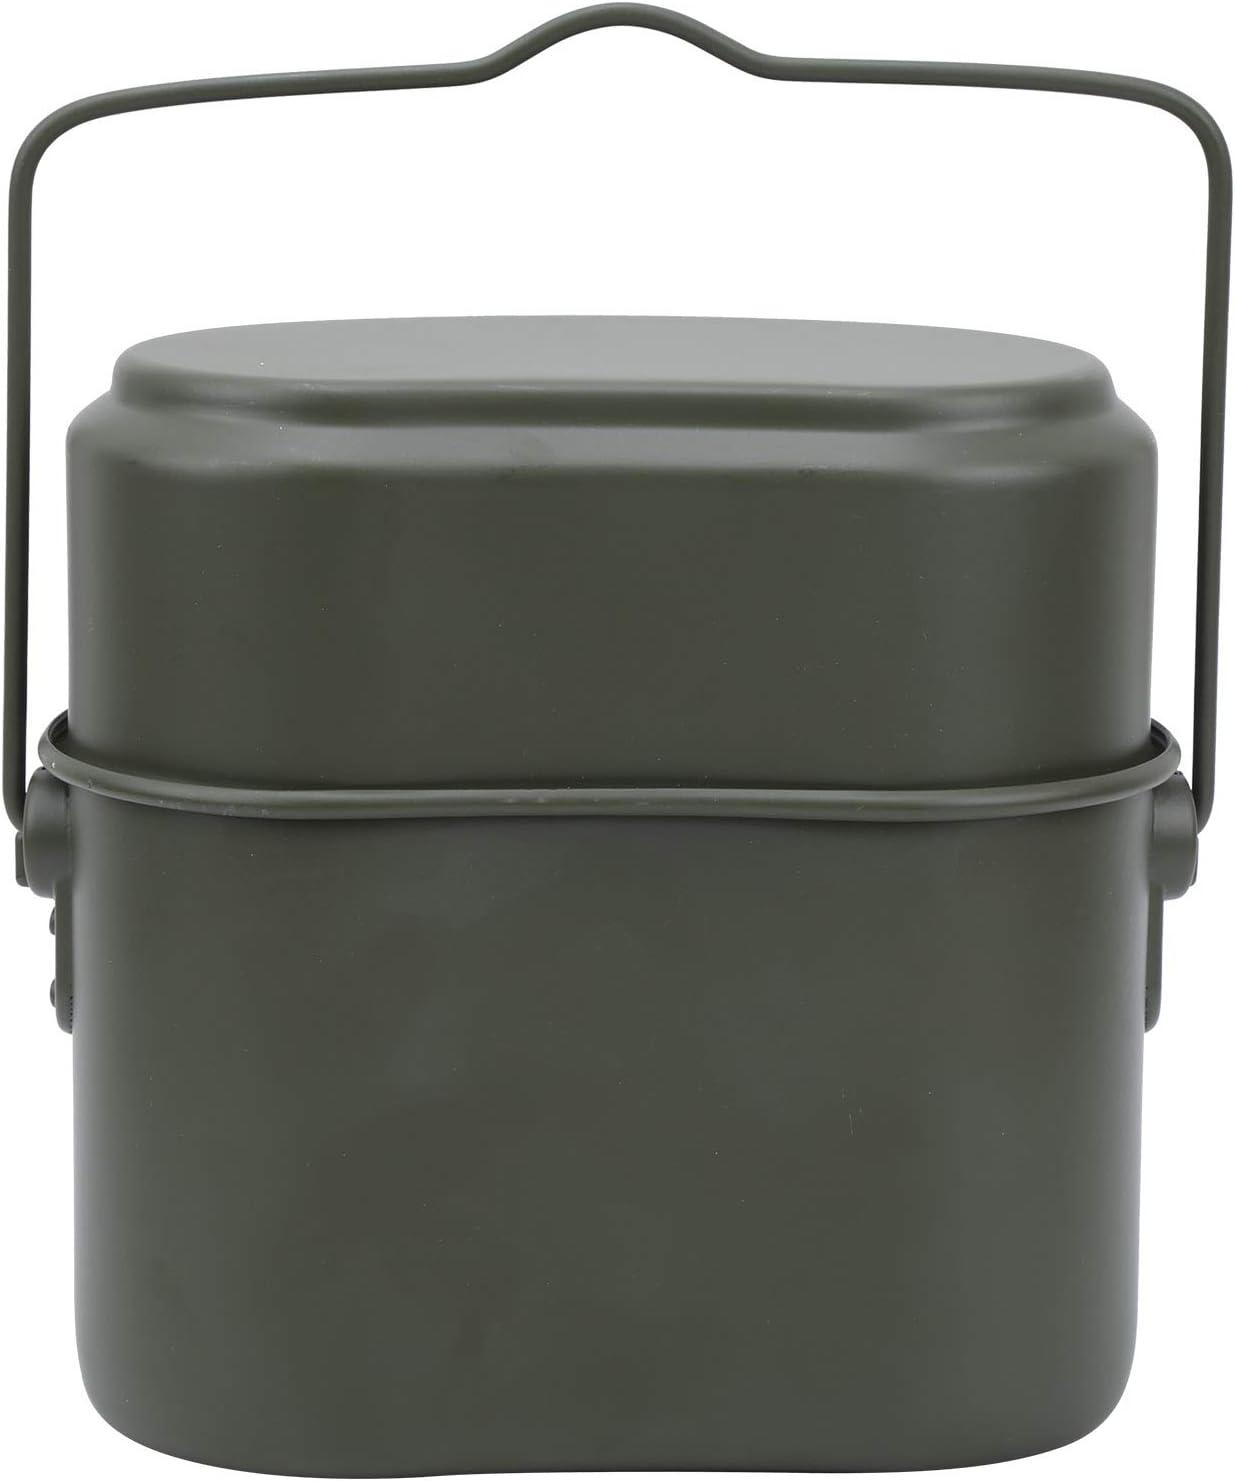 nobrands Fiambrera de Aluminio Verde Fiambrera Recipiente de Comida calentable Vajilla de Camping Fiambrera para Exteriores